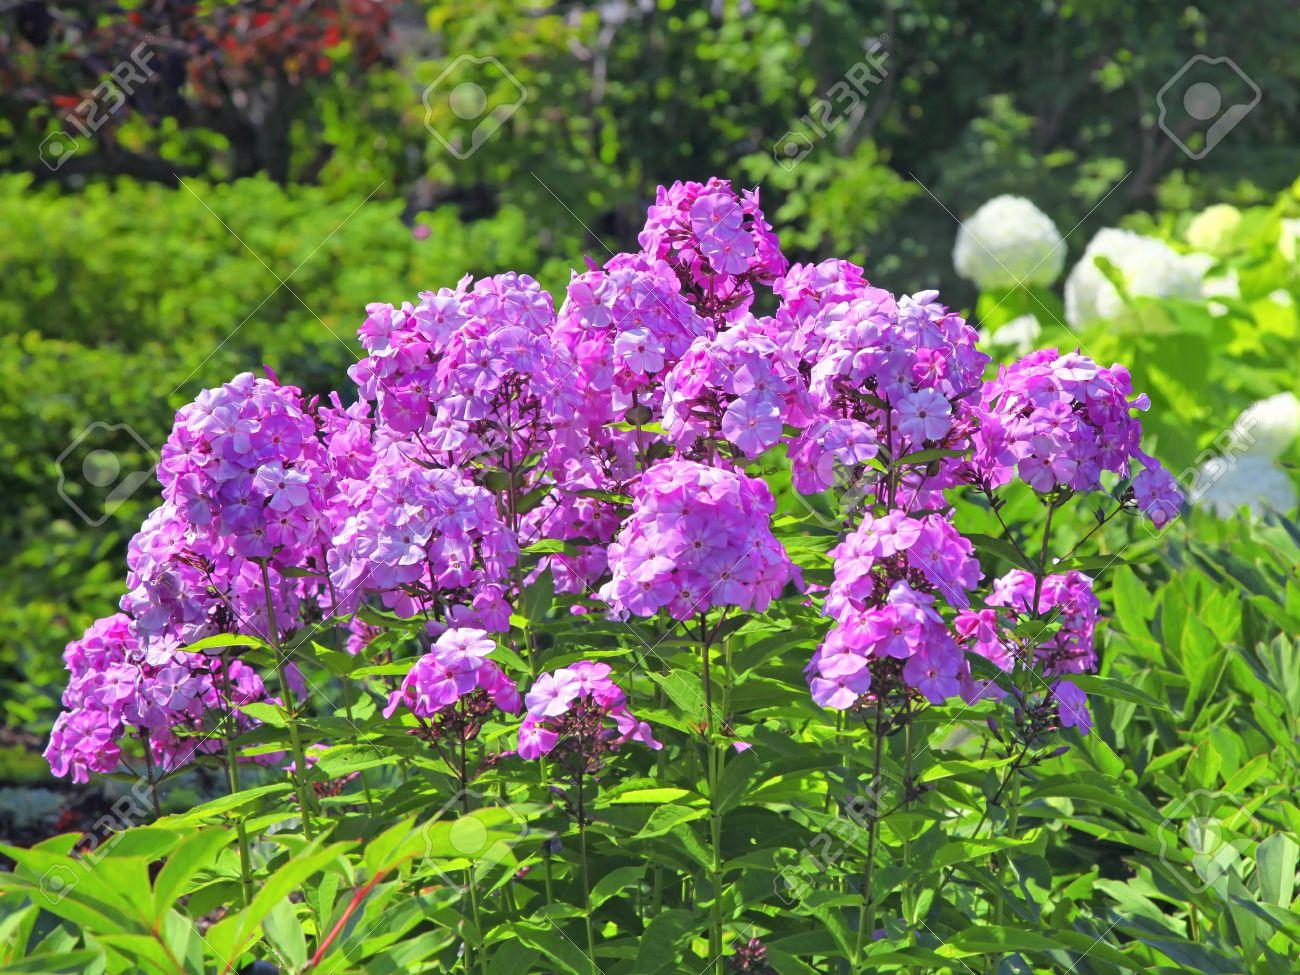 Tall pink perennial phlox in the summer garden stock photo picture stock photo tall pink perennial phlox in the summer garden mightylinksfo